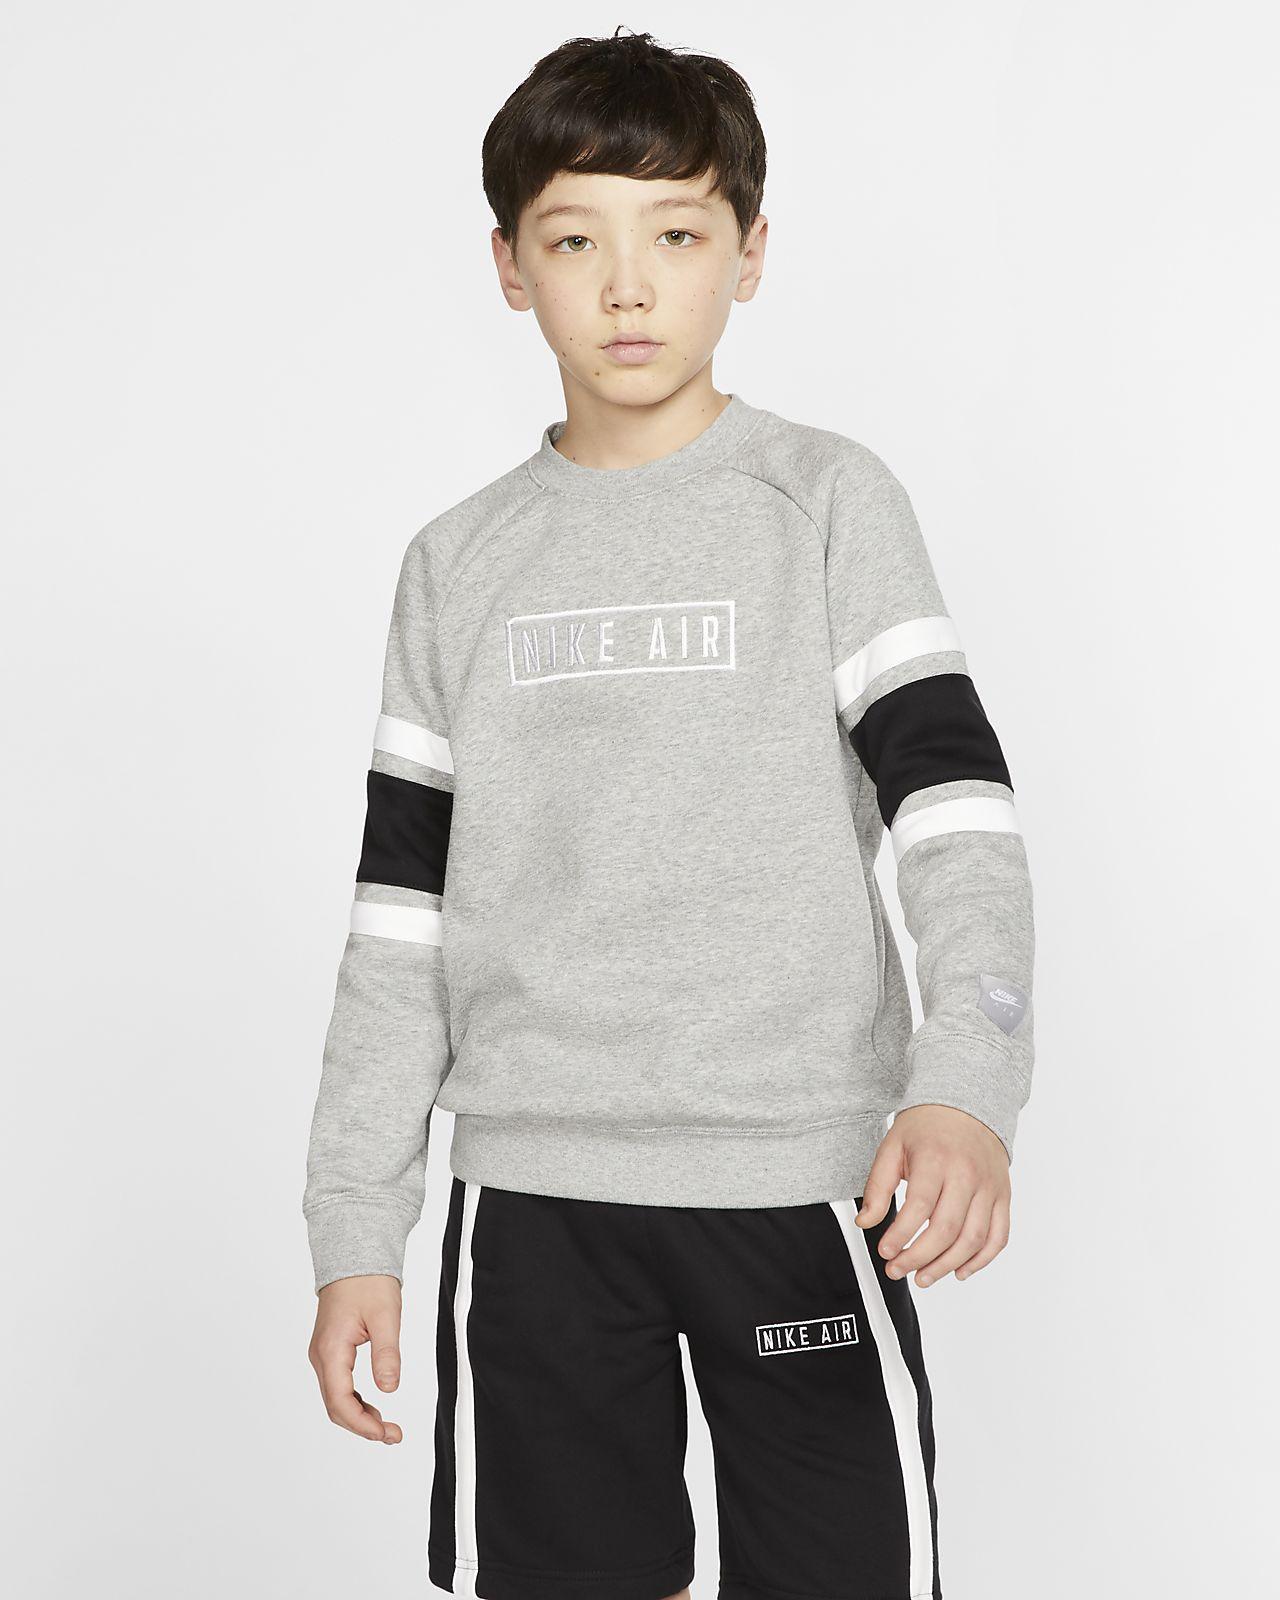 Tröja med rundad hals Nike Air för ungdom (killar)